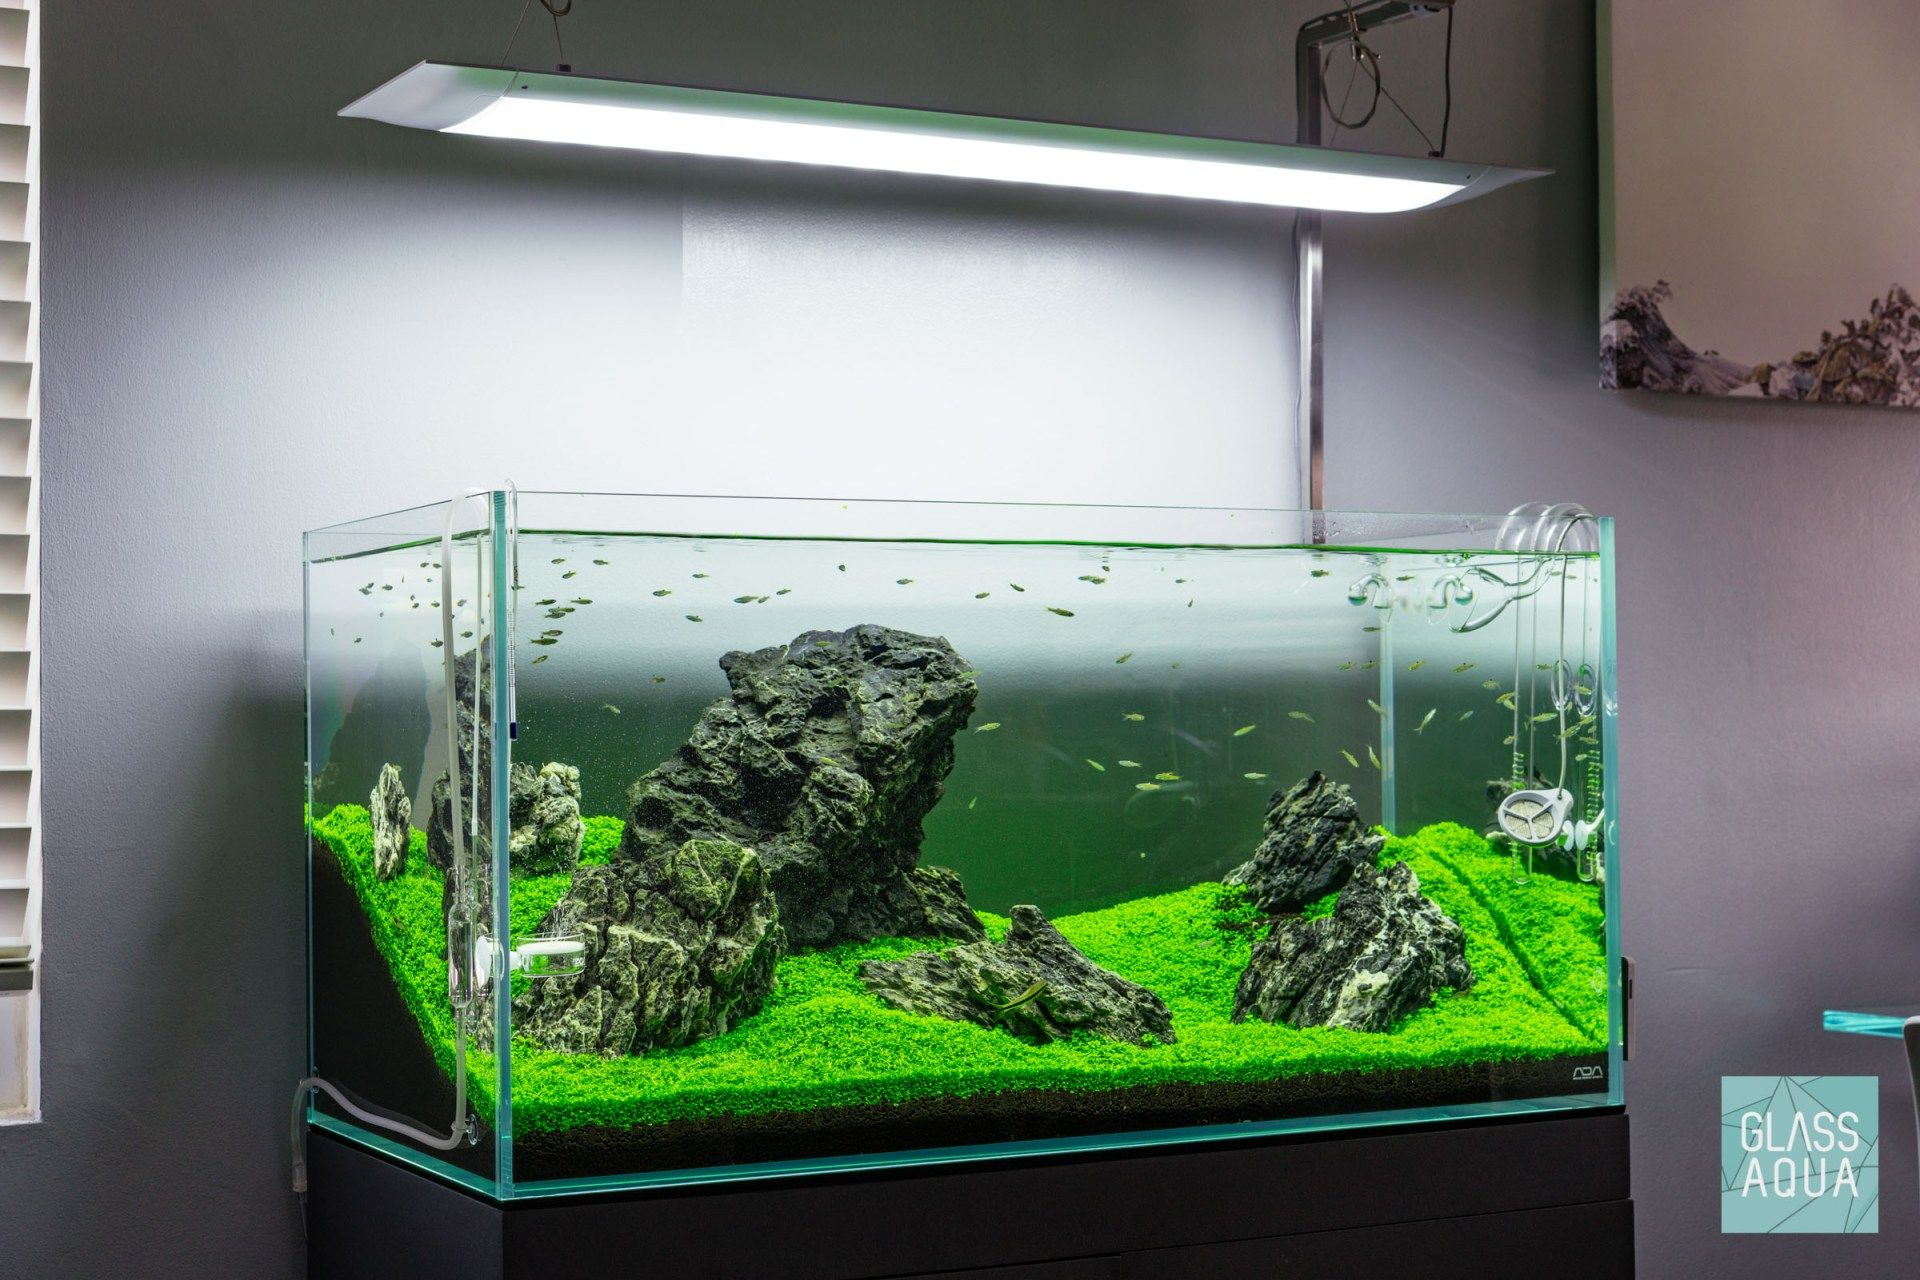 Guide To Planted Aquarium Aquascaping Iwagumi Glass Aqua Planted Aquarium Aquascape Aquascape Aquarium